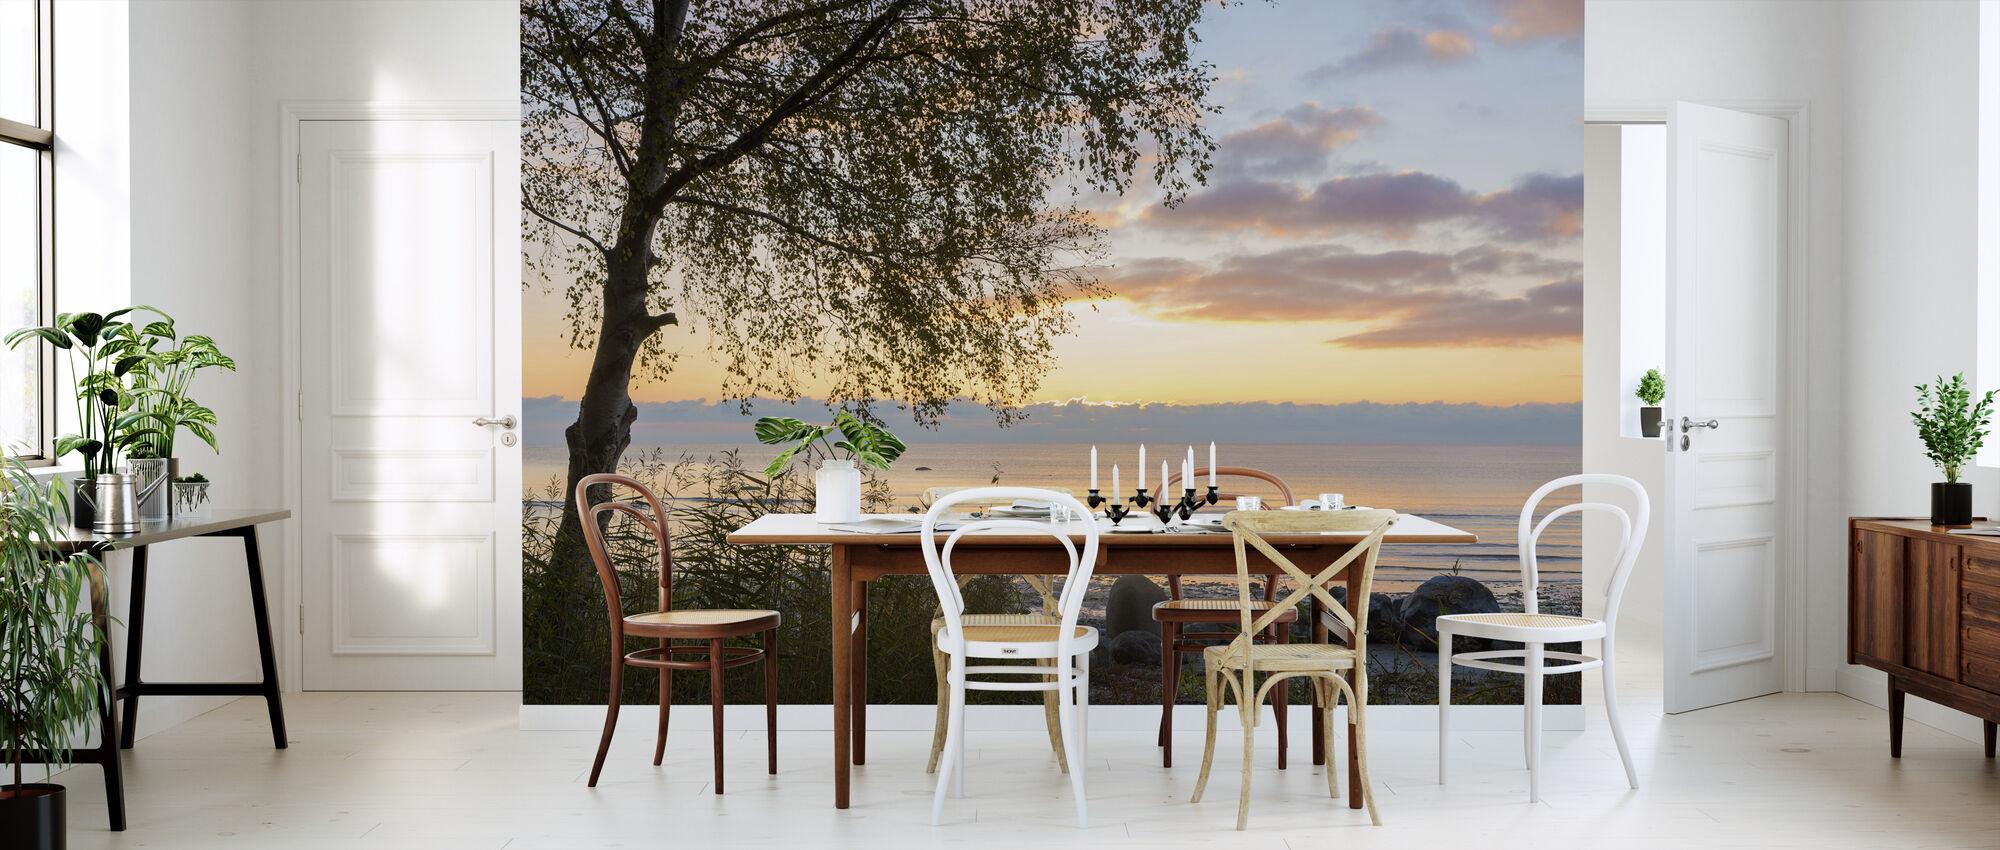 Træ ved solnedgang - Gotland - Tapet - Køkken